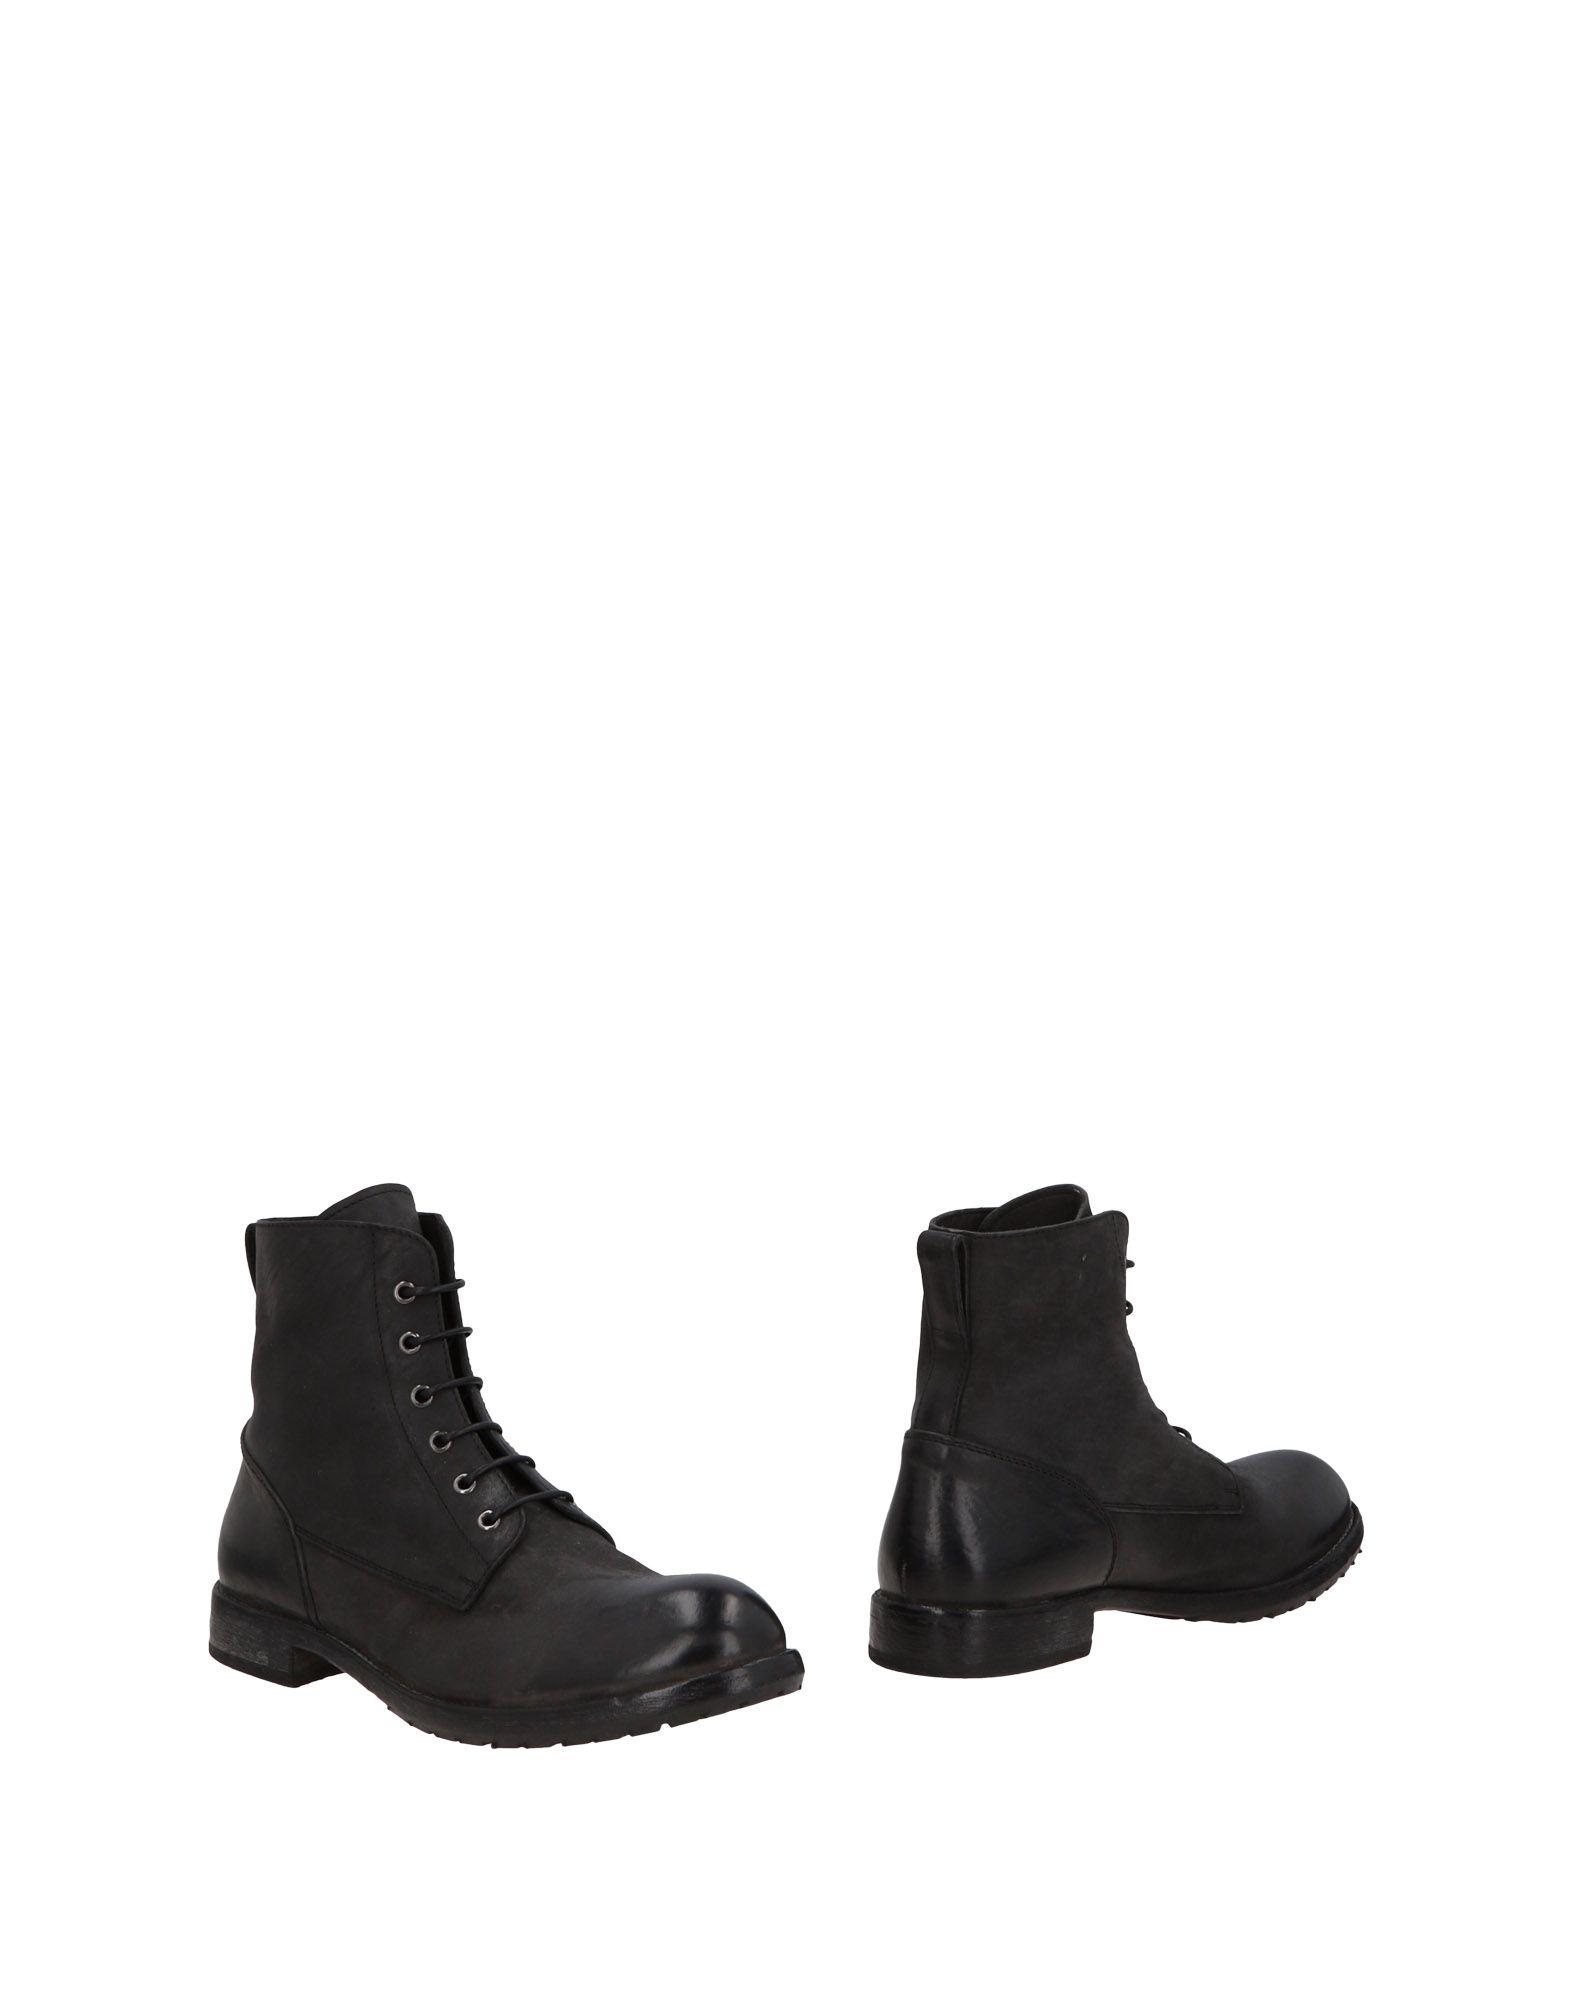 Moma Stiefelette Herren  11471585XL Gute Qualität beliebte Schuhe